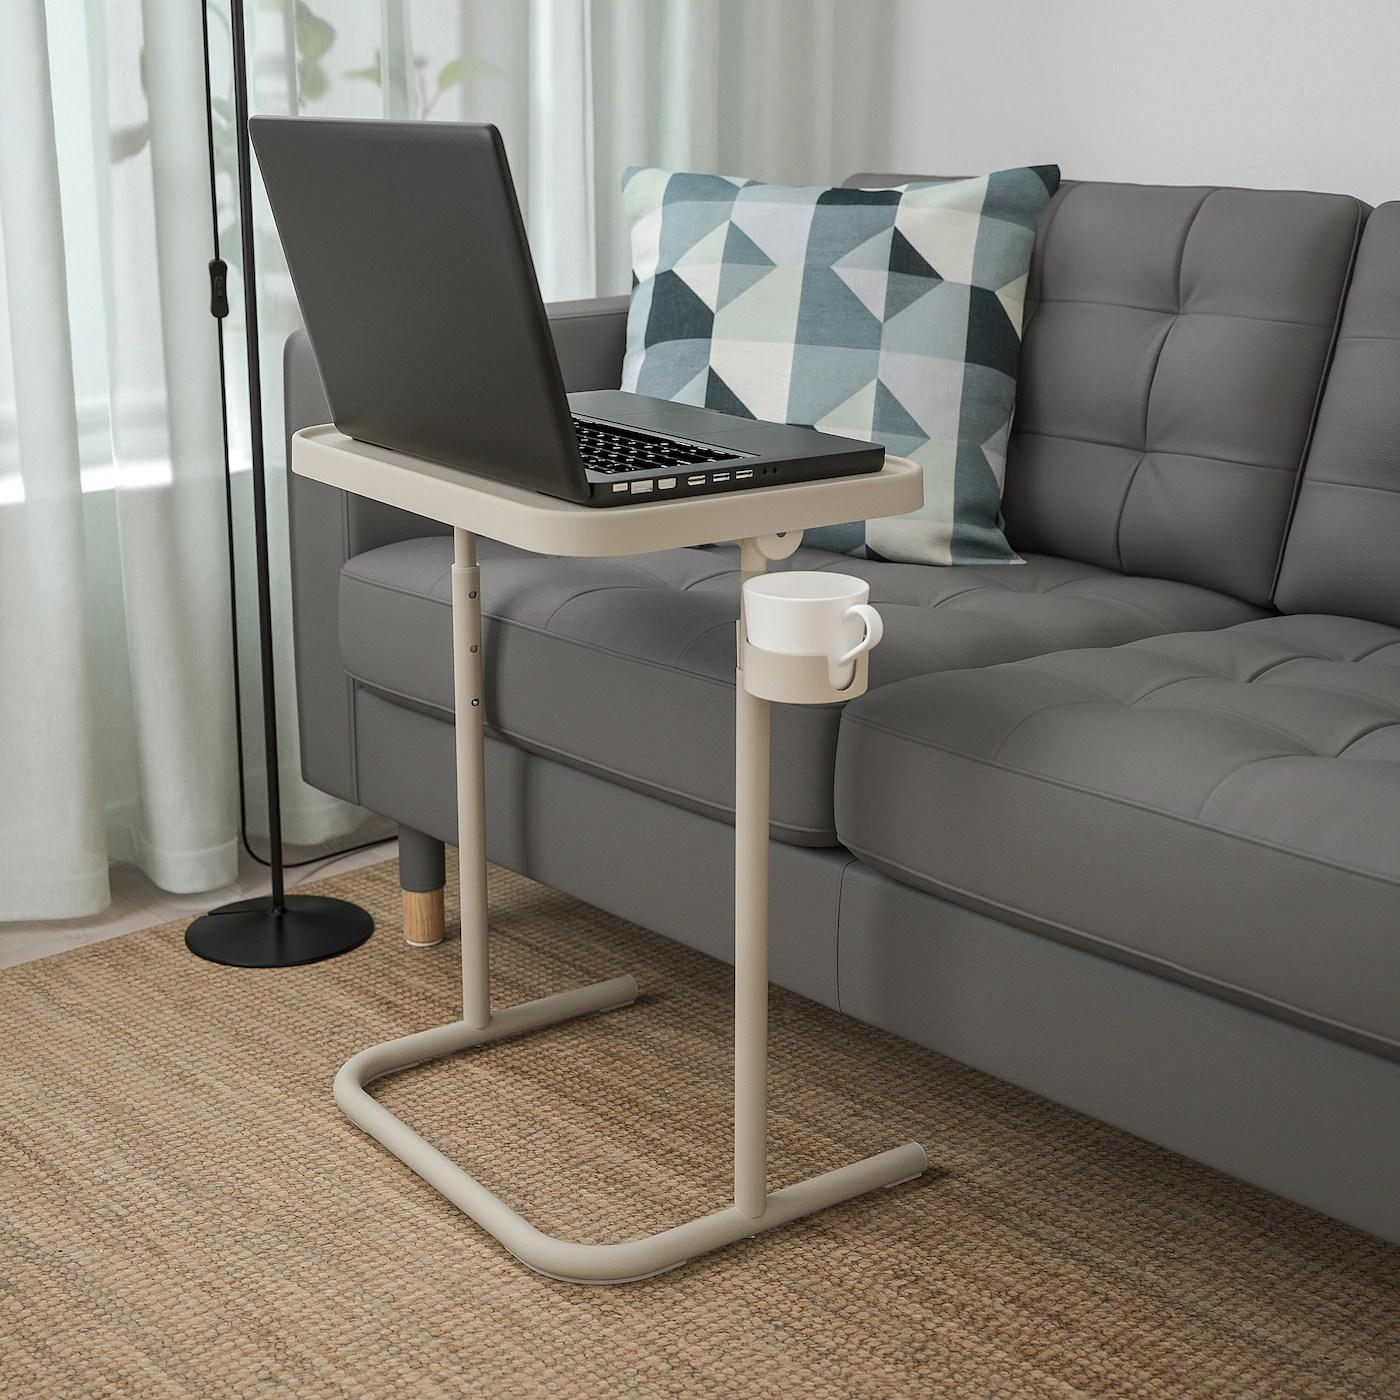 bjorkasen table pour ordinateur portable beige